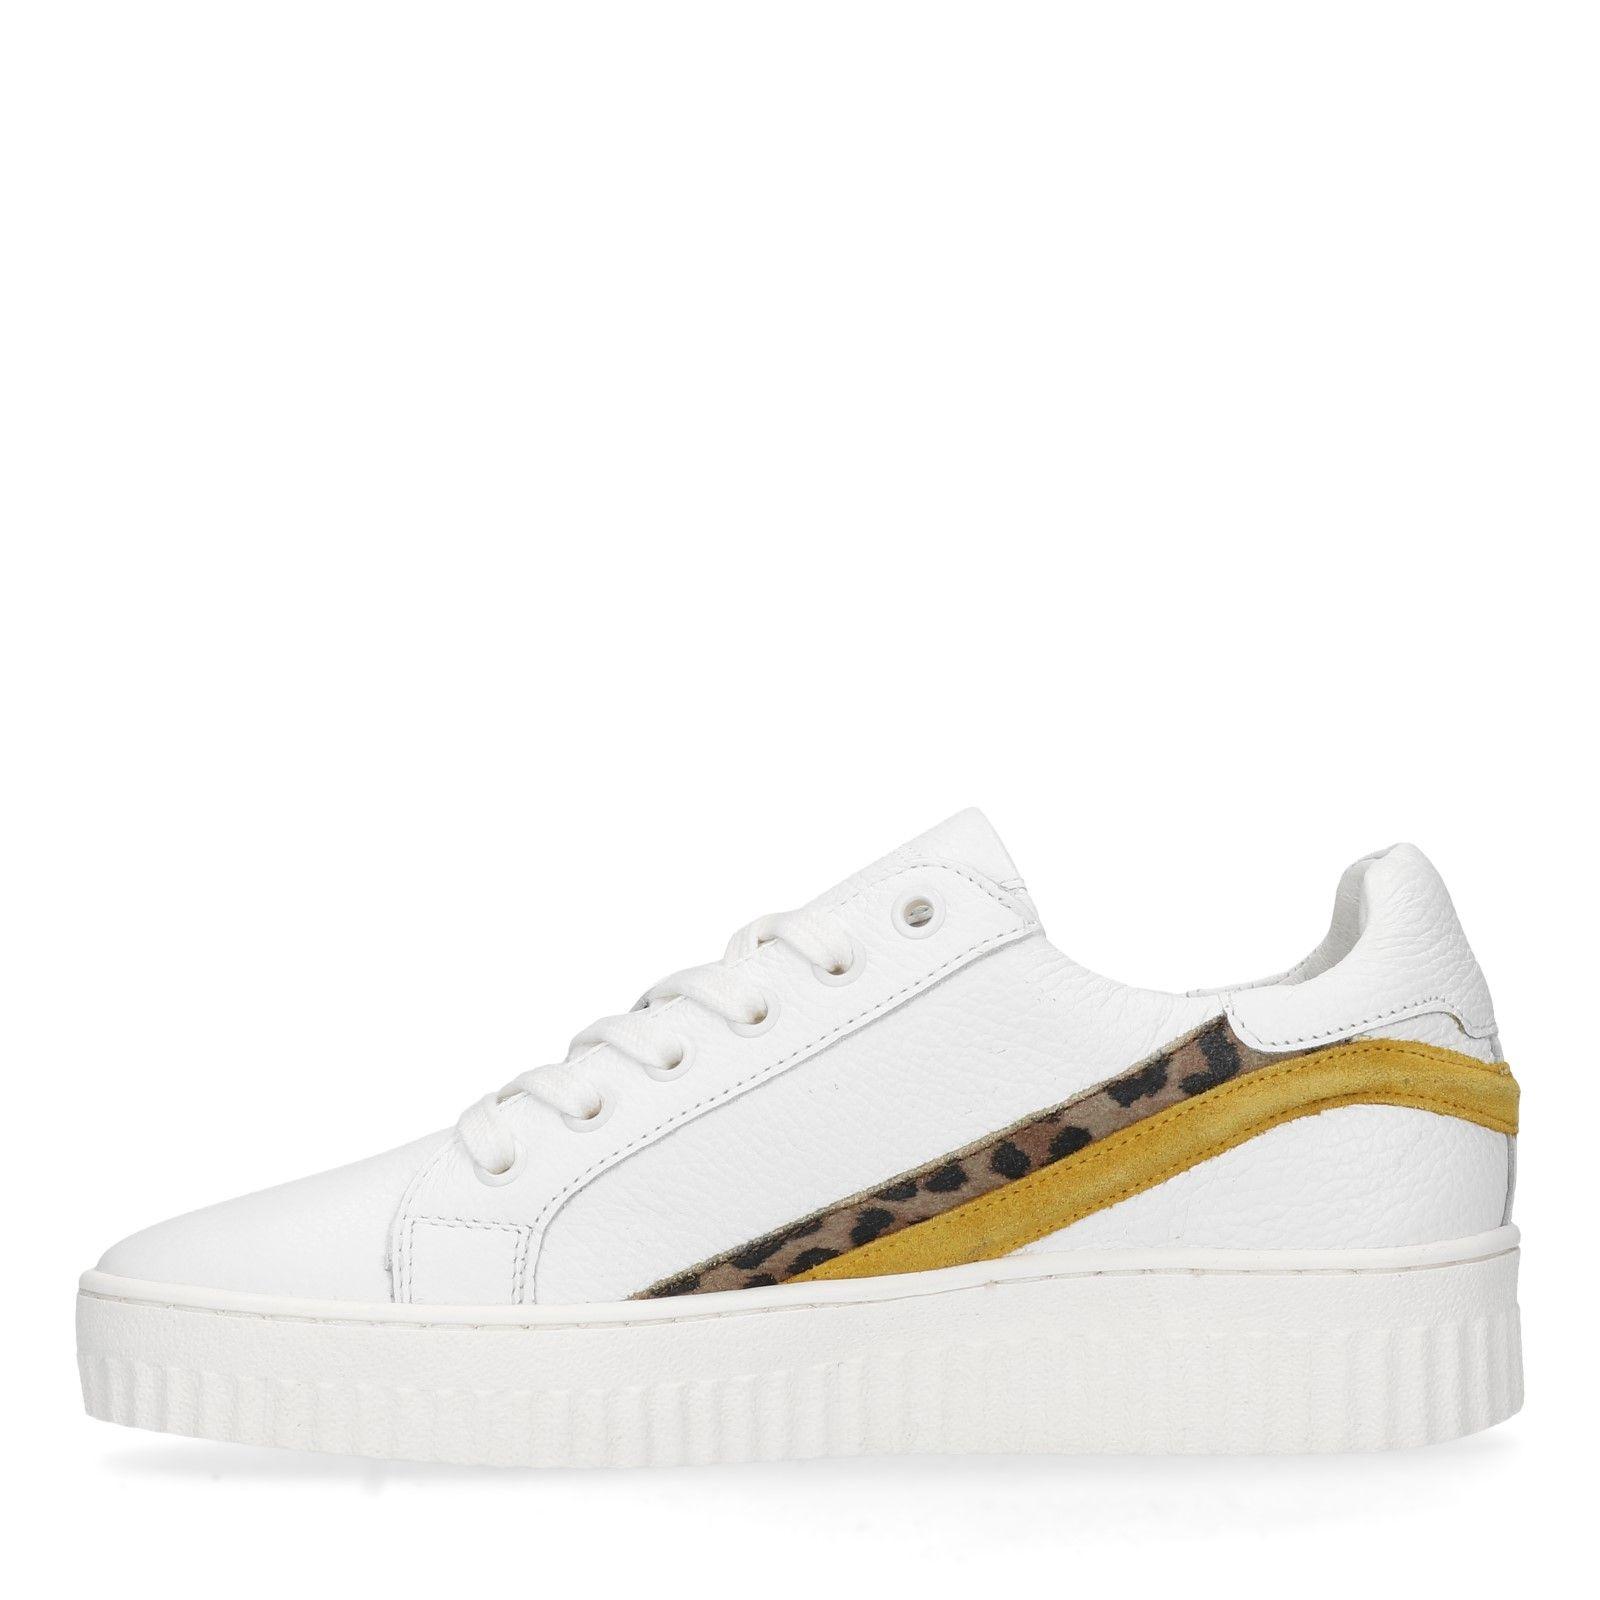 6dbed8e7314 Witte sneakers met geel en panterprint detail - Dames   MANFIELD